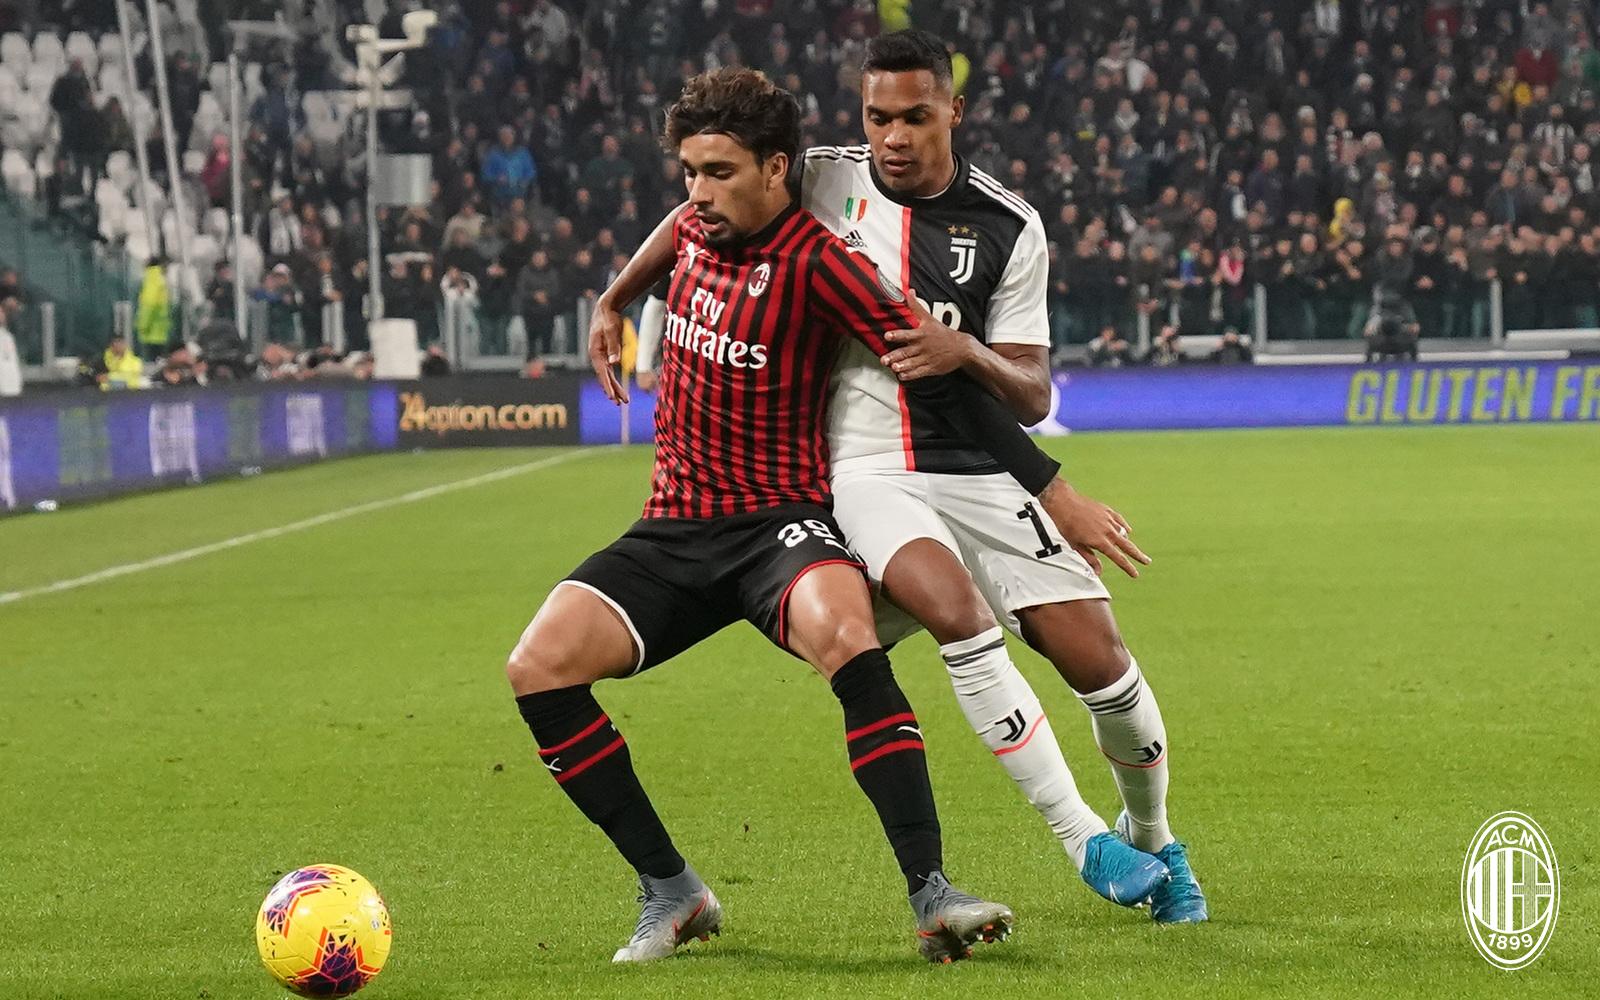 ACM_Juve_Milan_Paquetà_Alex Sandro